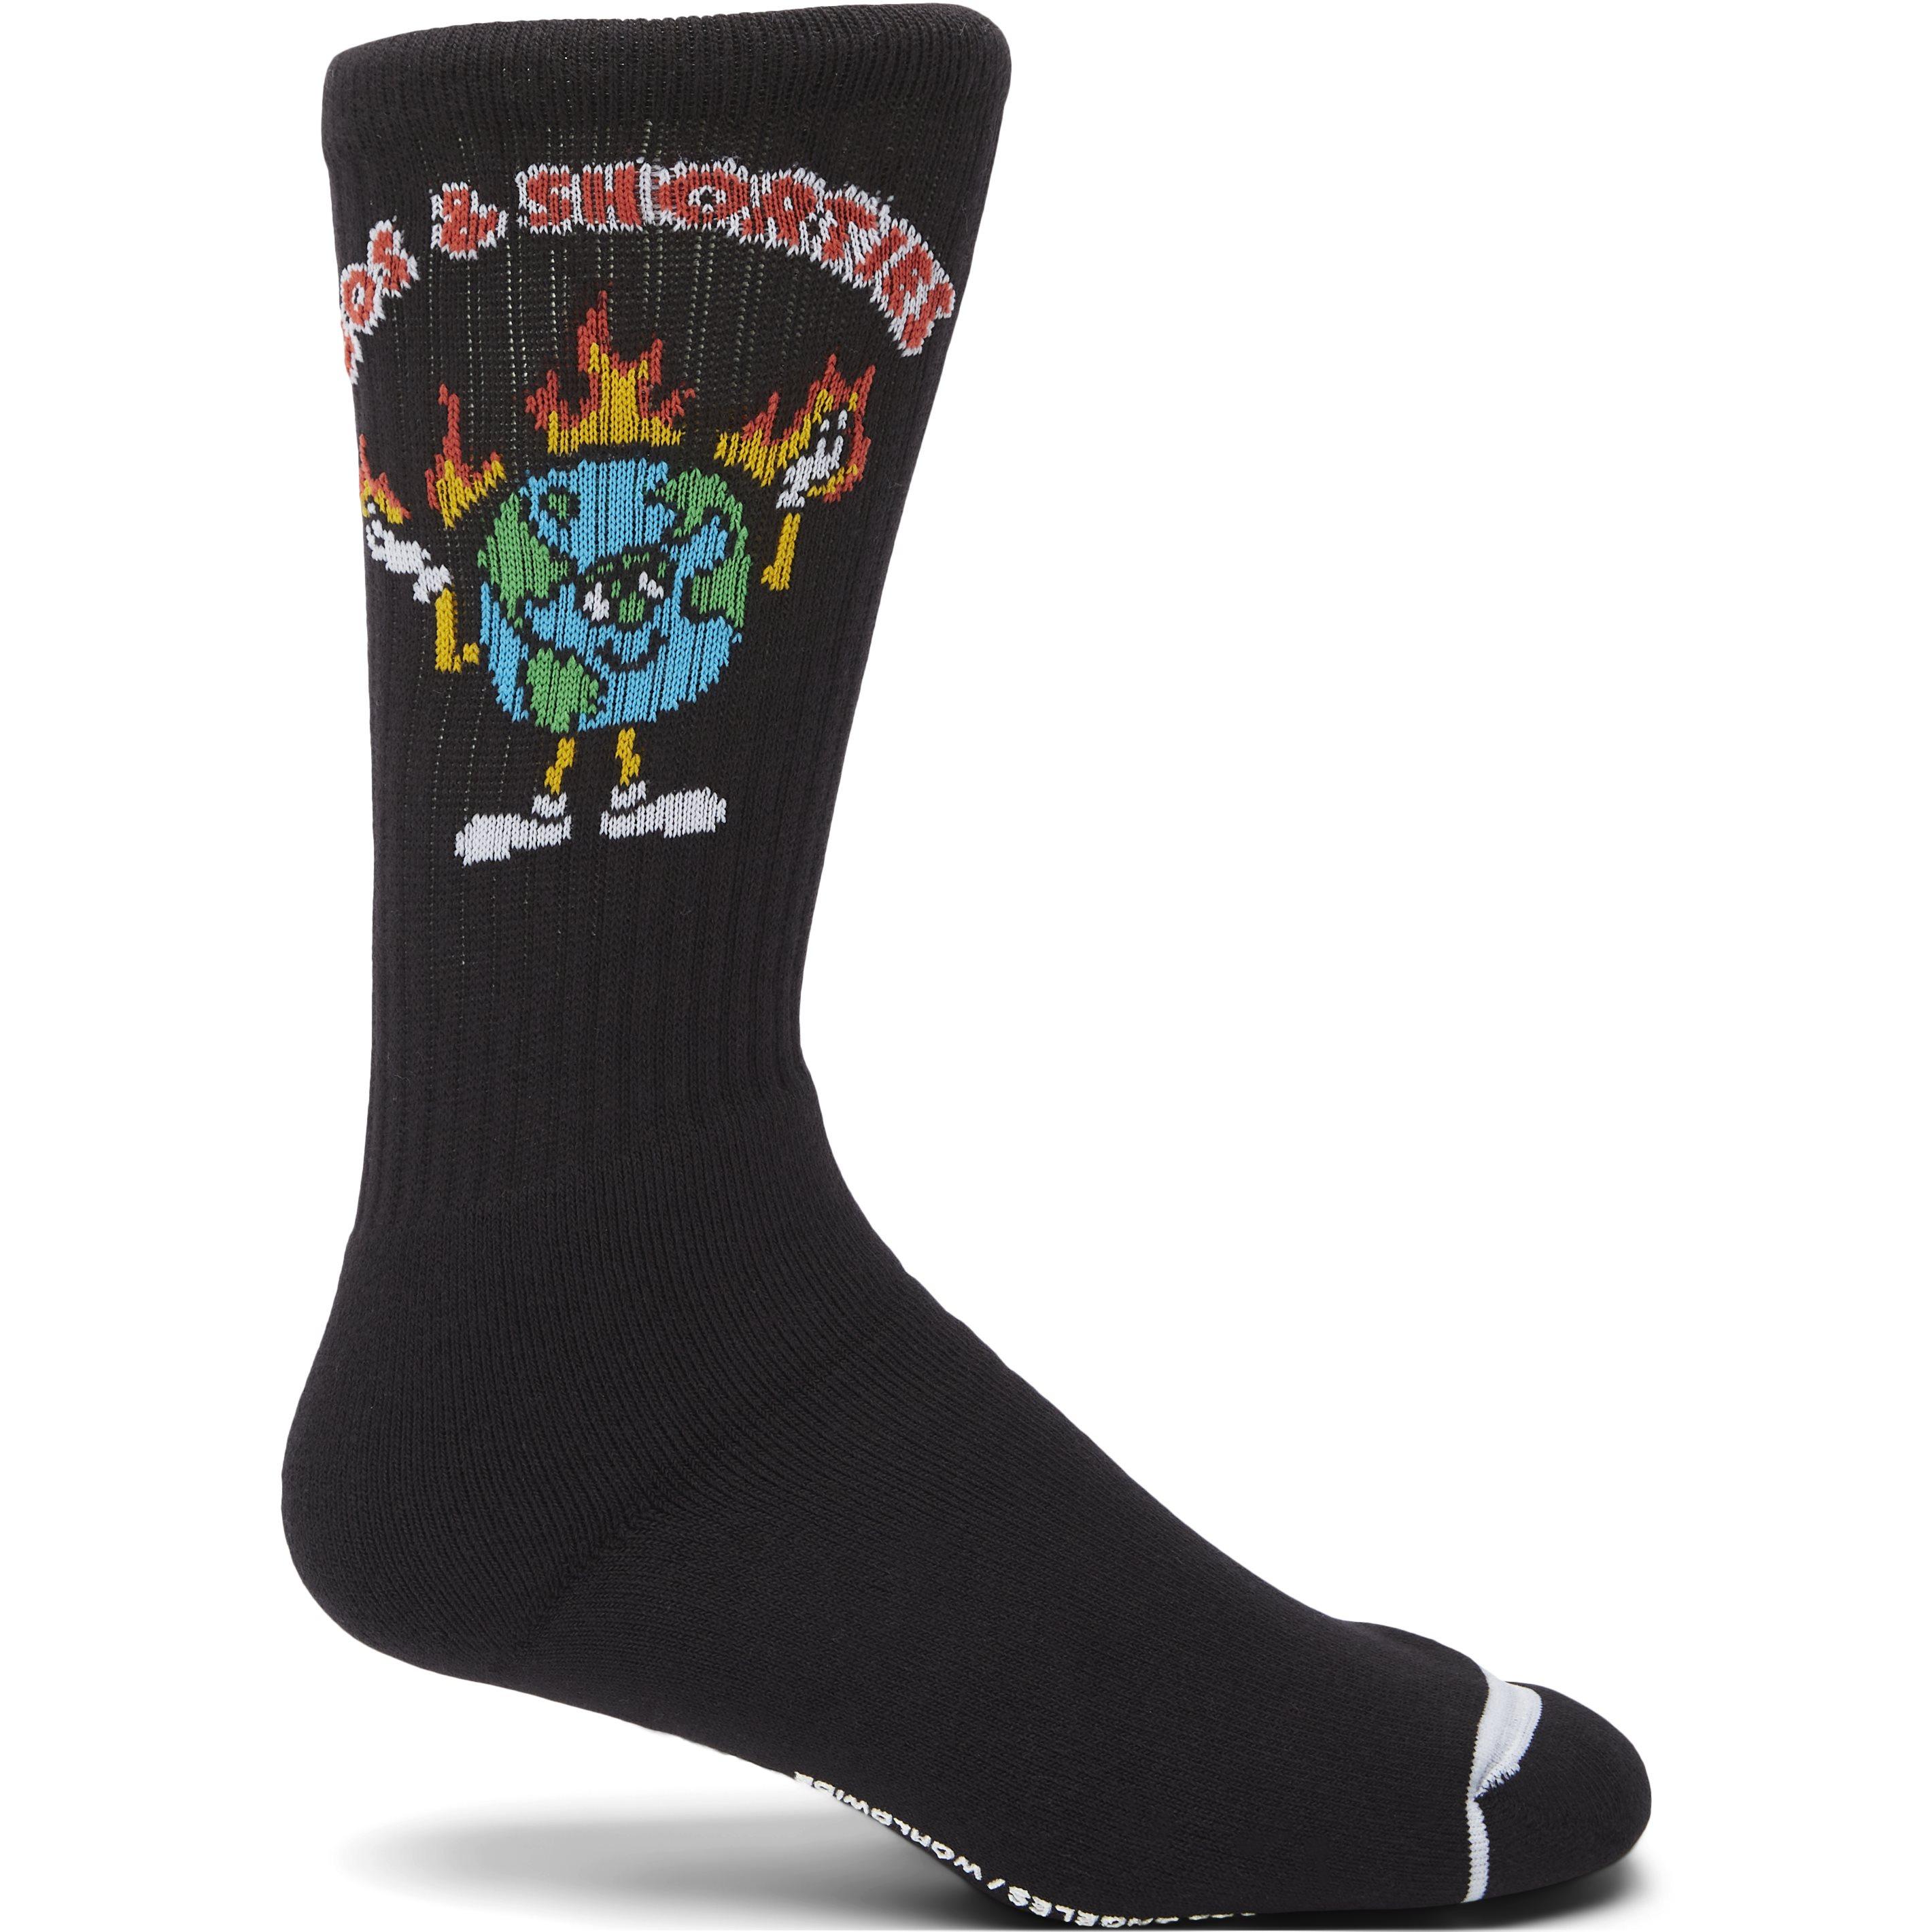 Be Alright Socks - Strømper - Sort